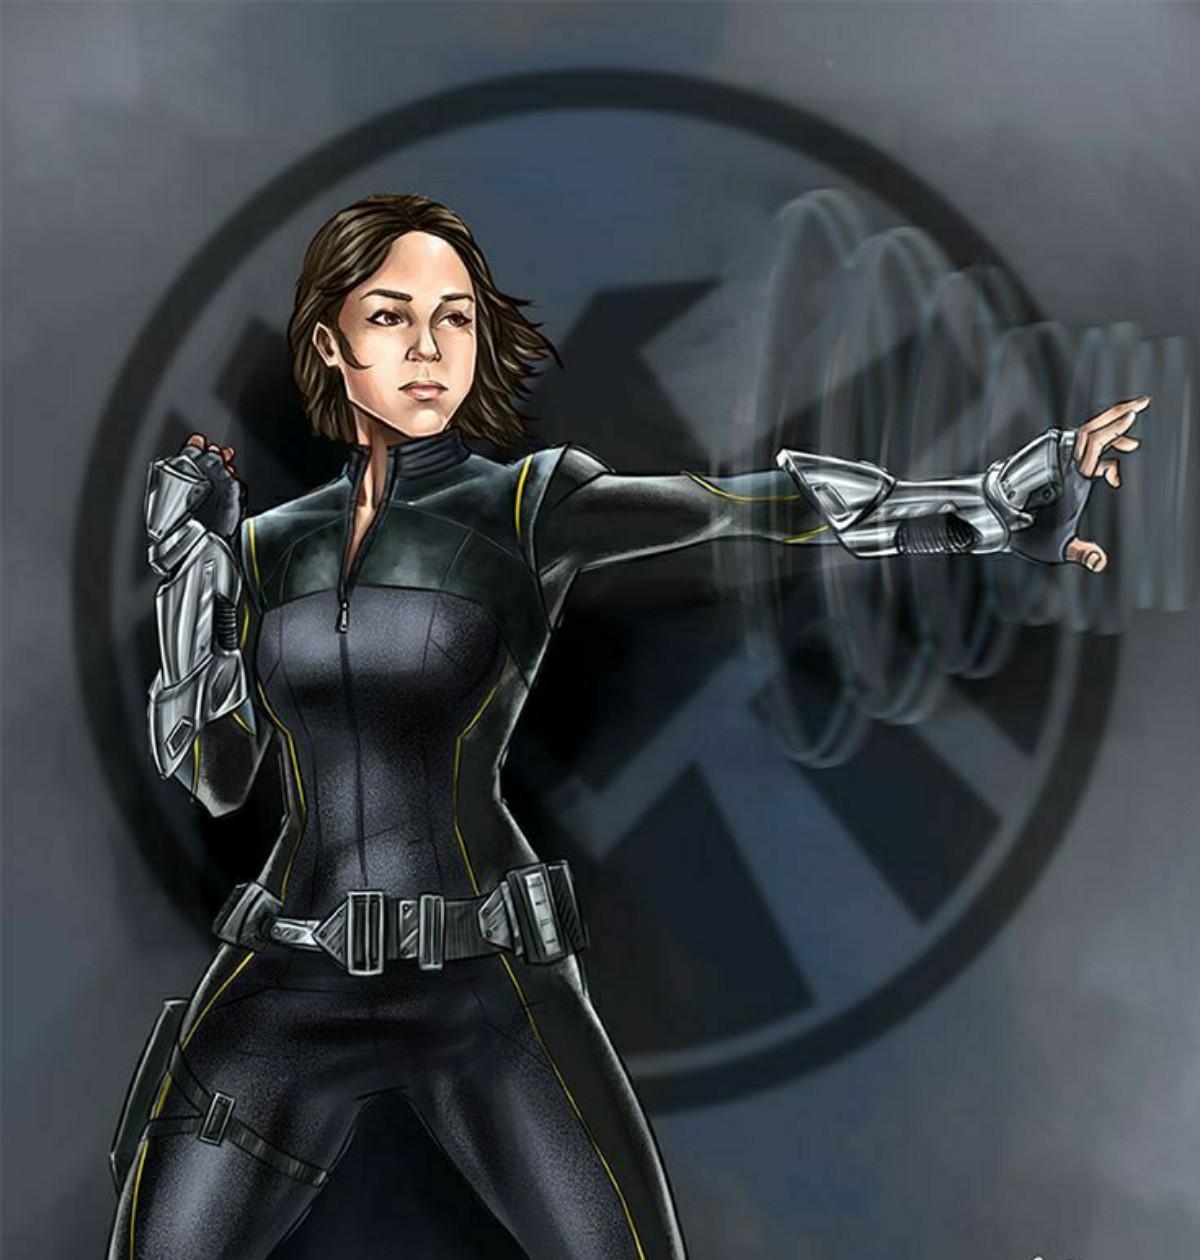 Quake aka Agent of S.H.I.E.L.D